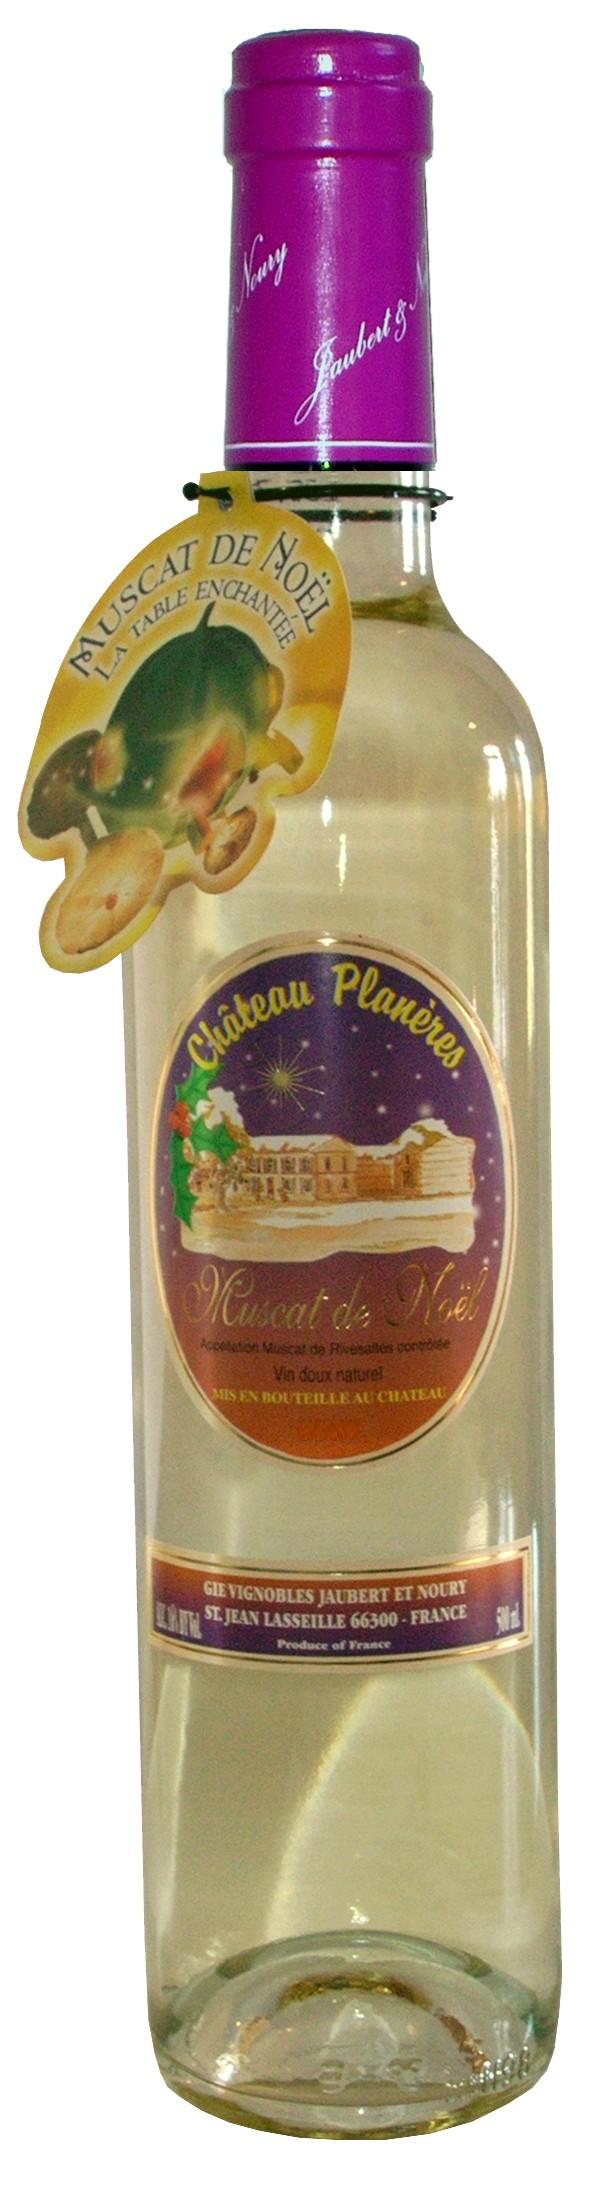 Muscat de Noël 2011